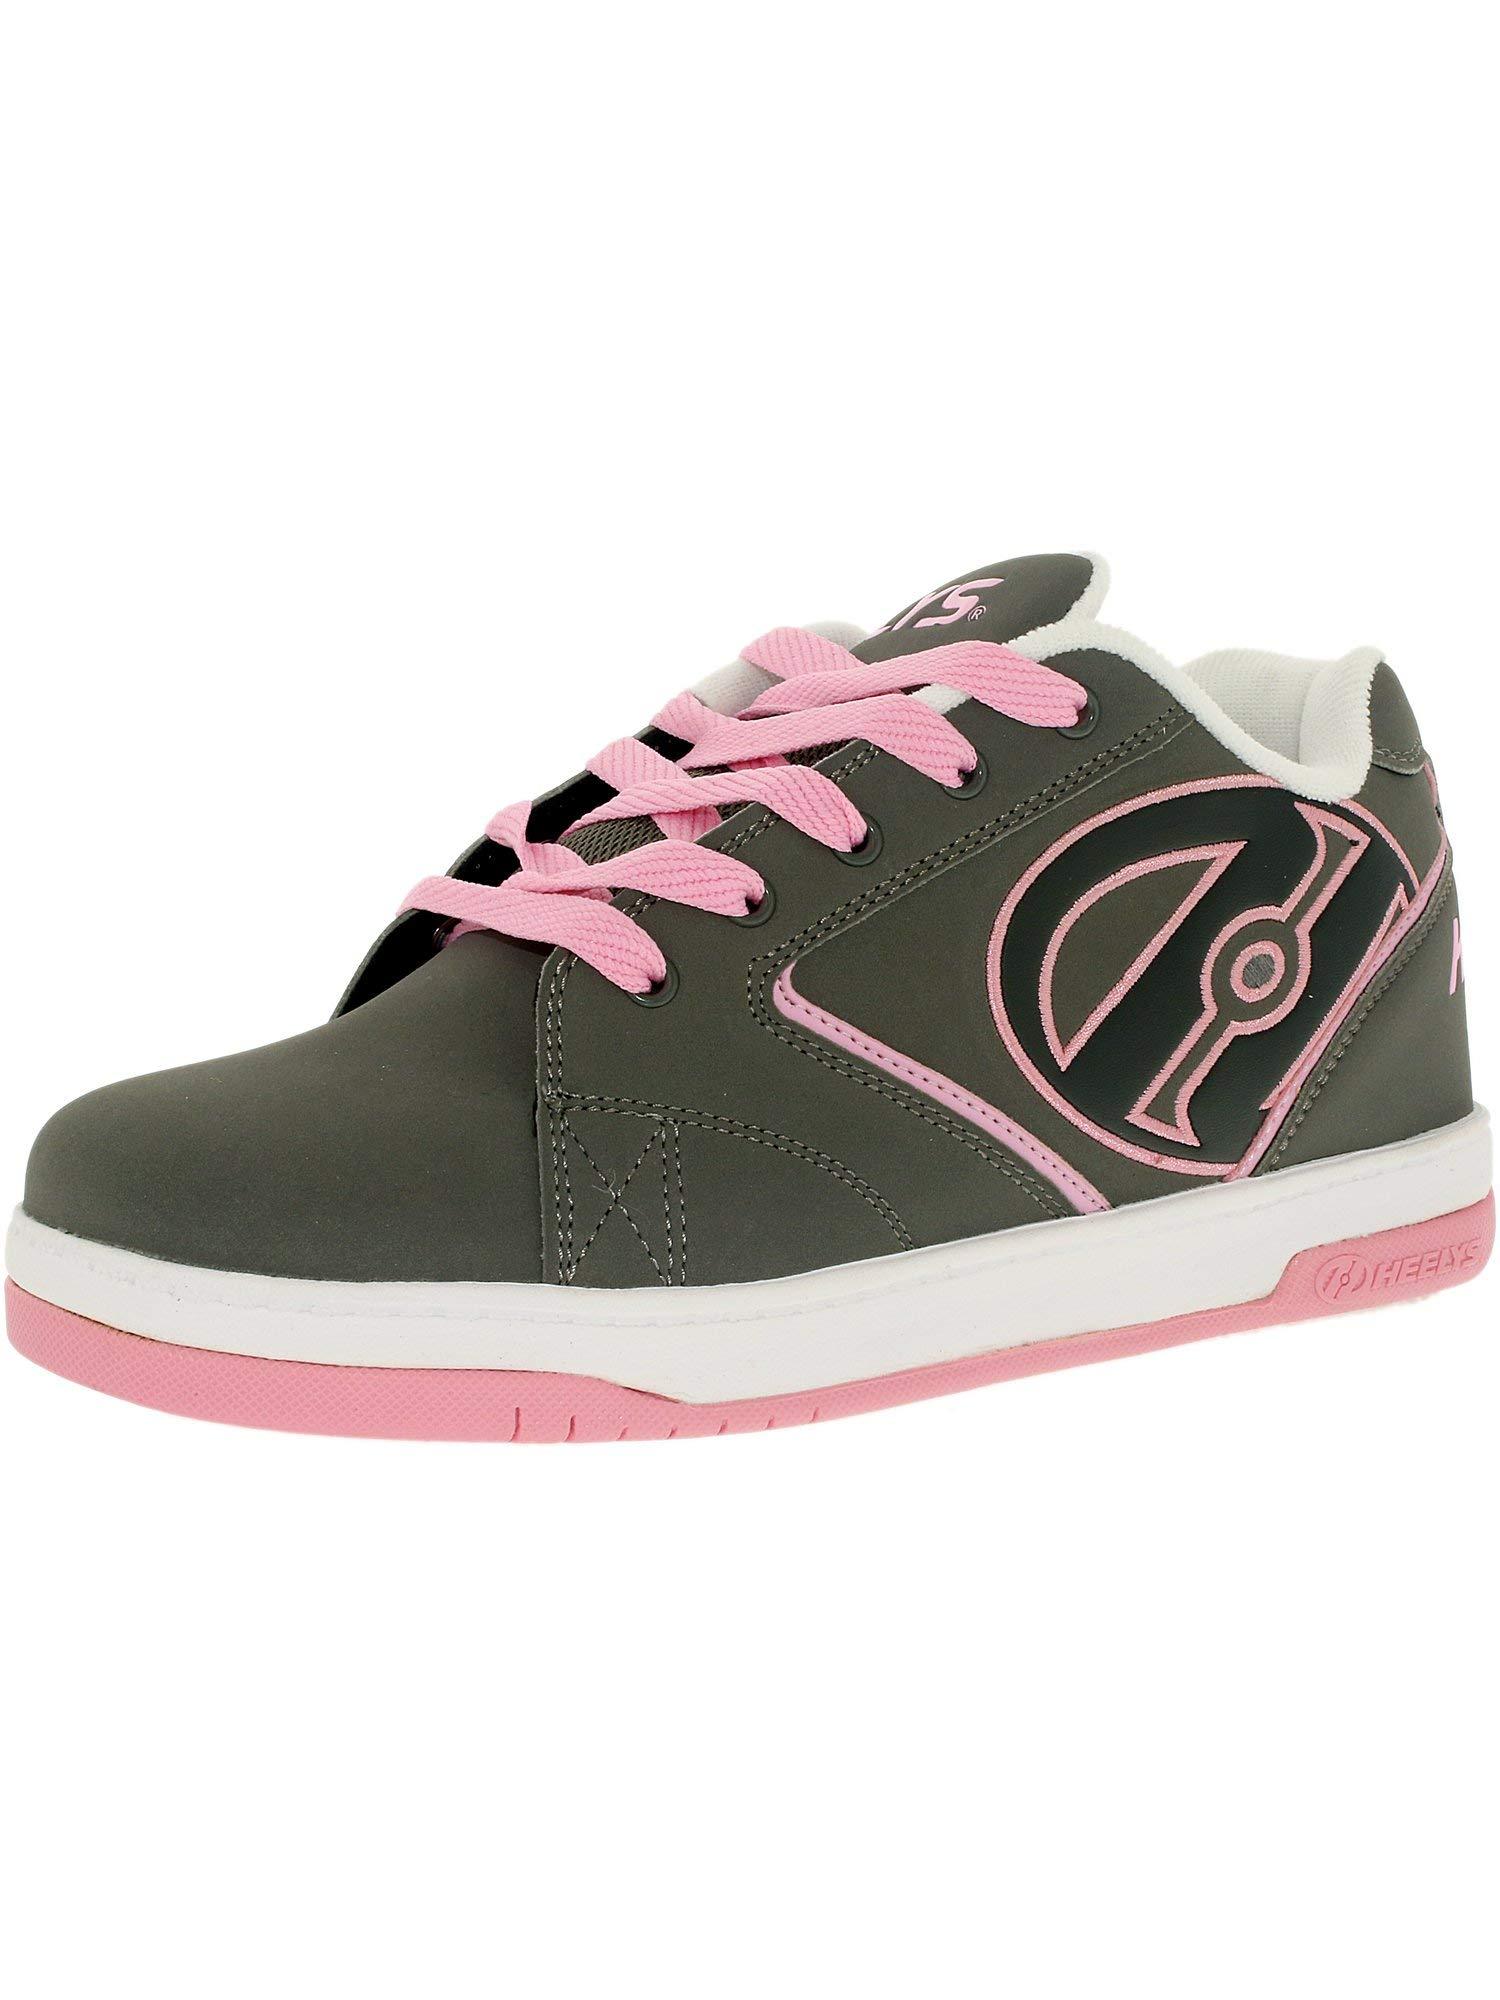 Heelys Propel Skate Shoe , Grey/Pink, 4 M US Big Kid